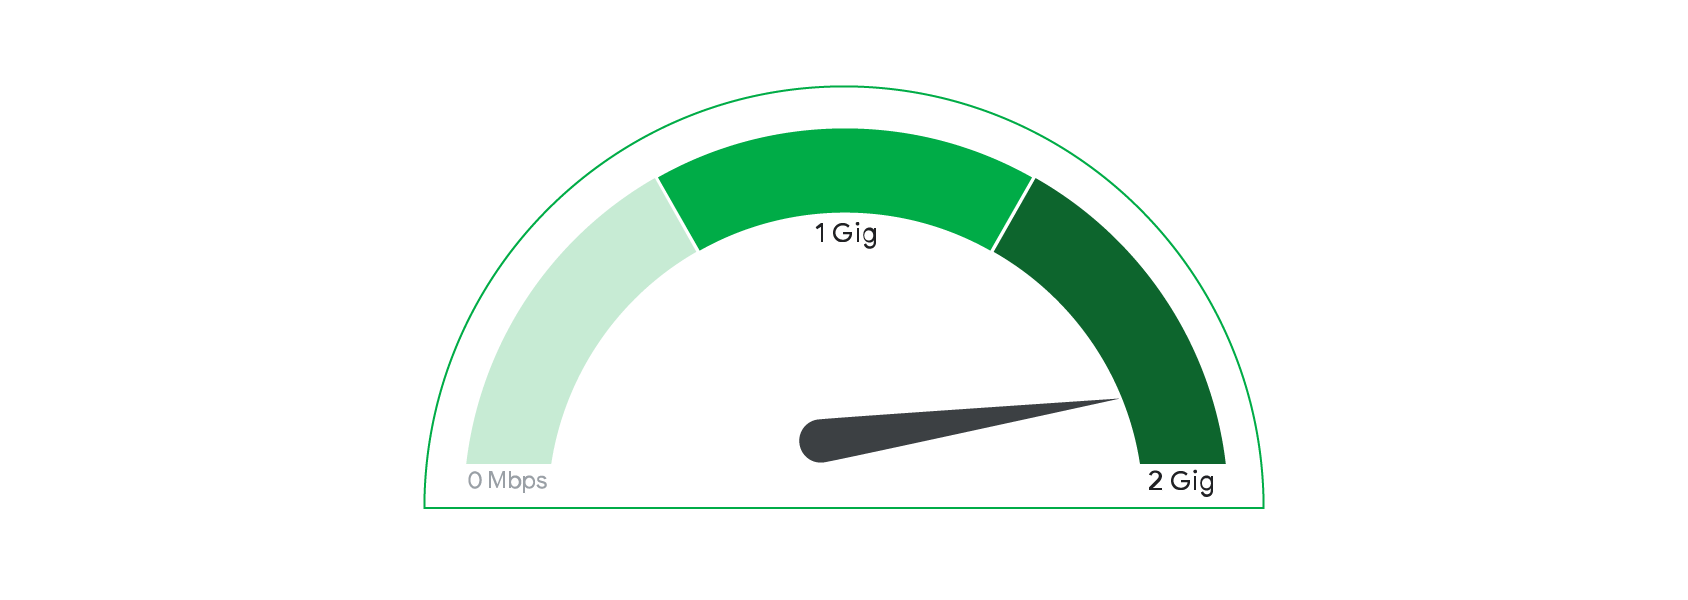 In USA la fibra di Google arriva alla velocità di 2 Gbps!